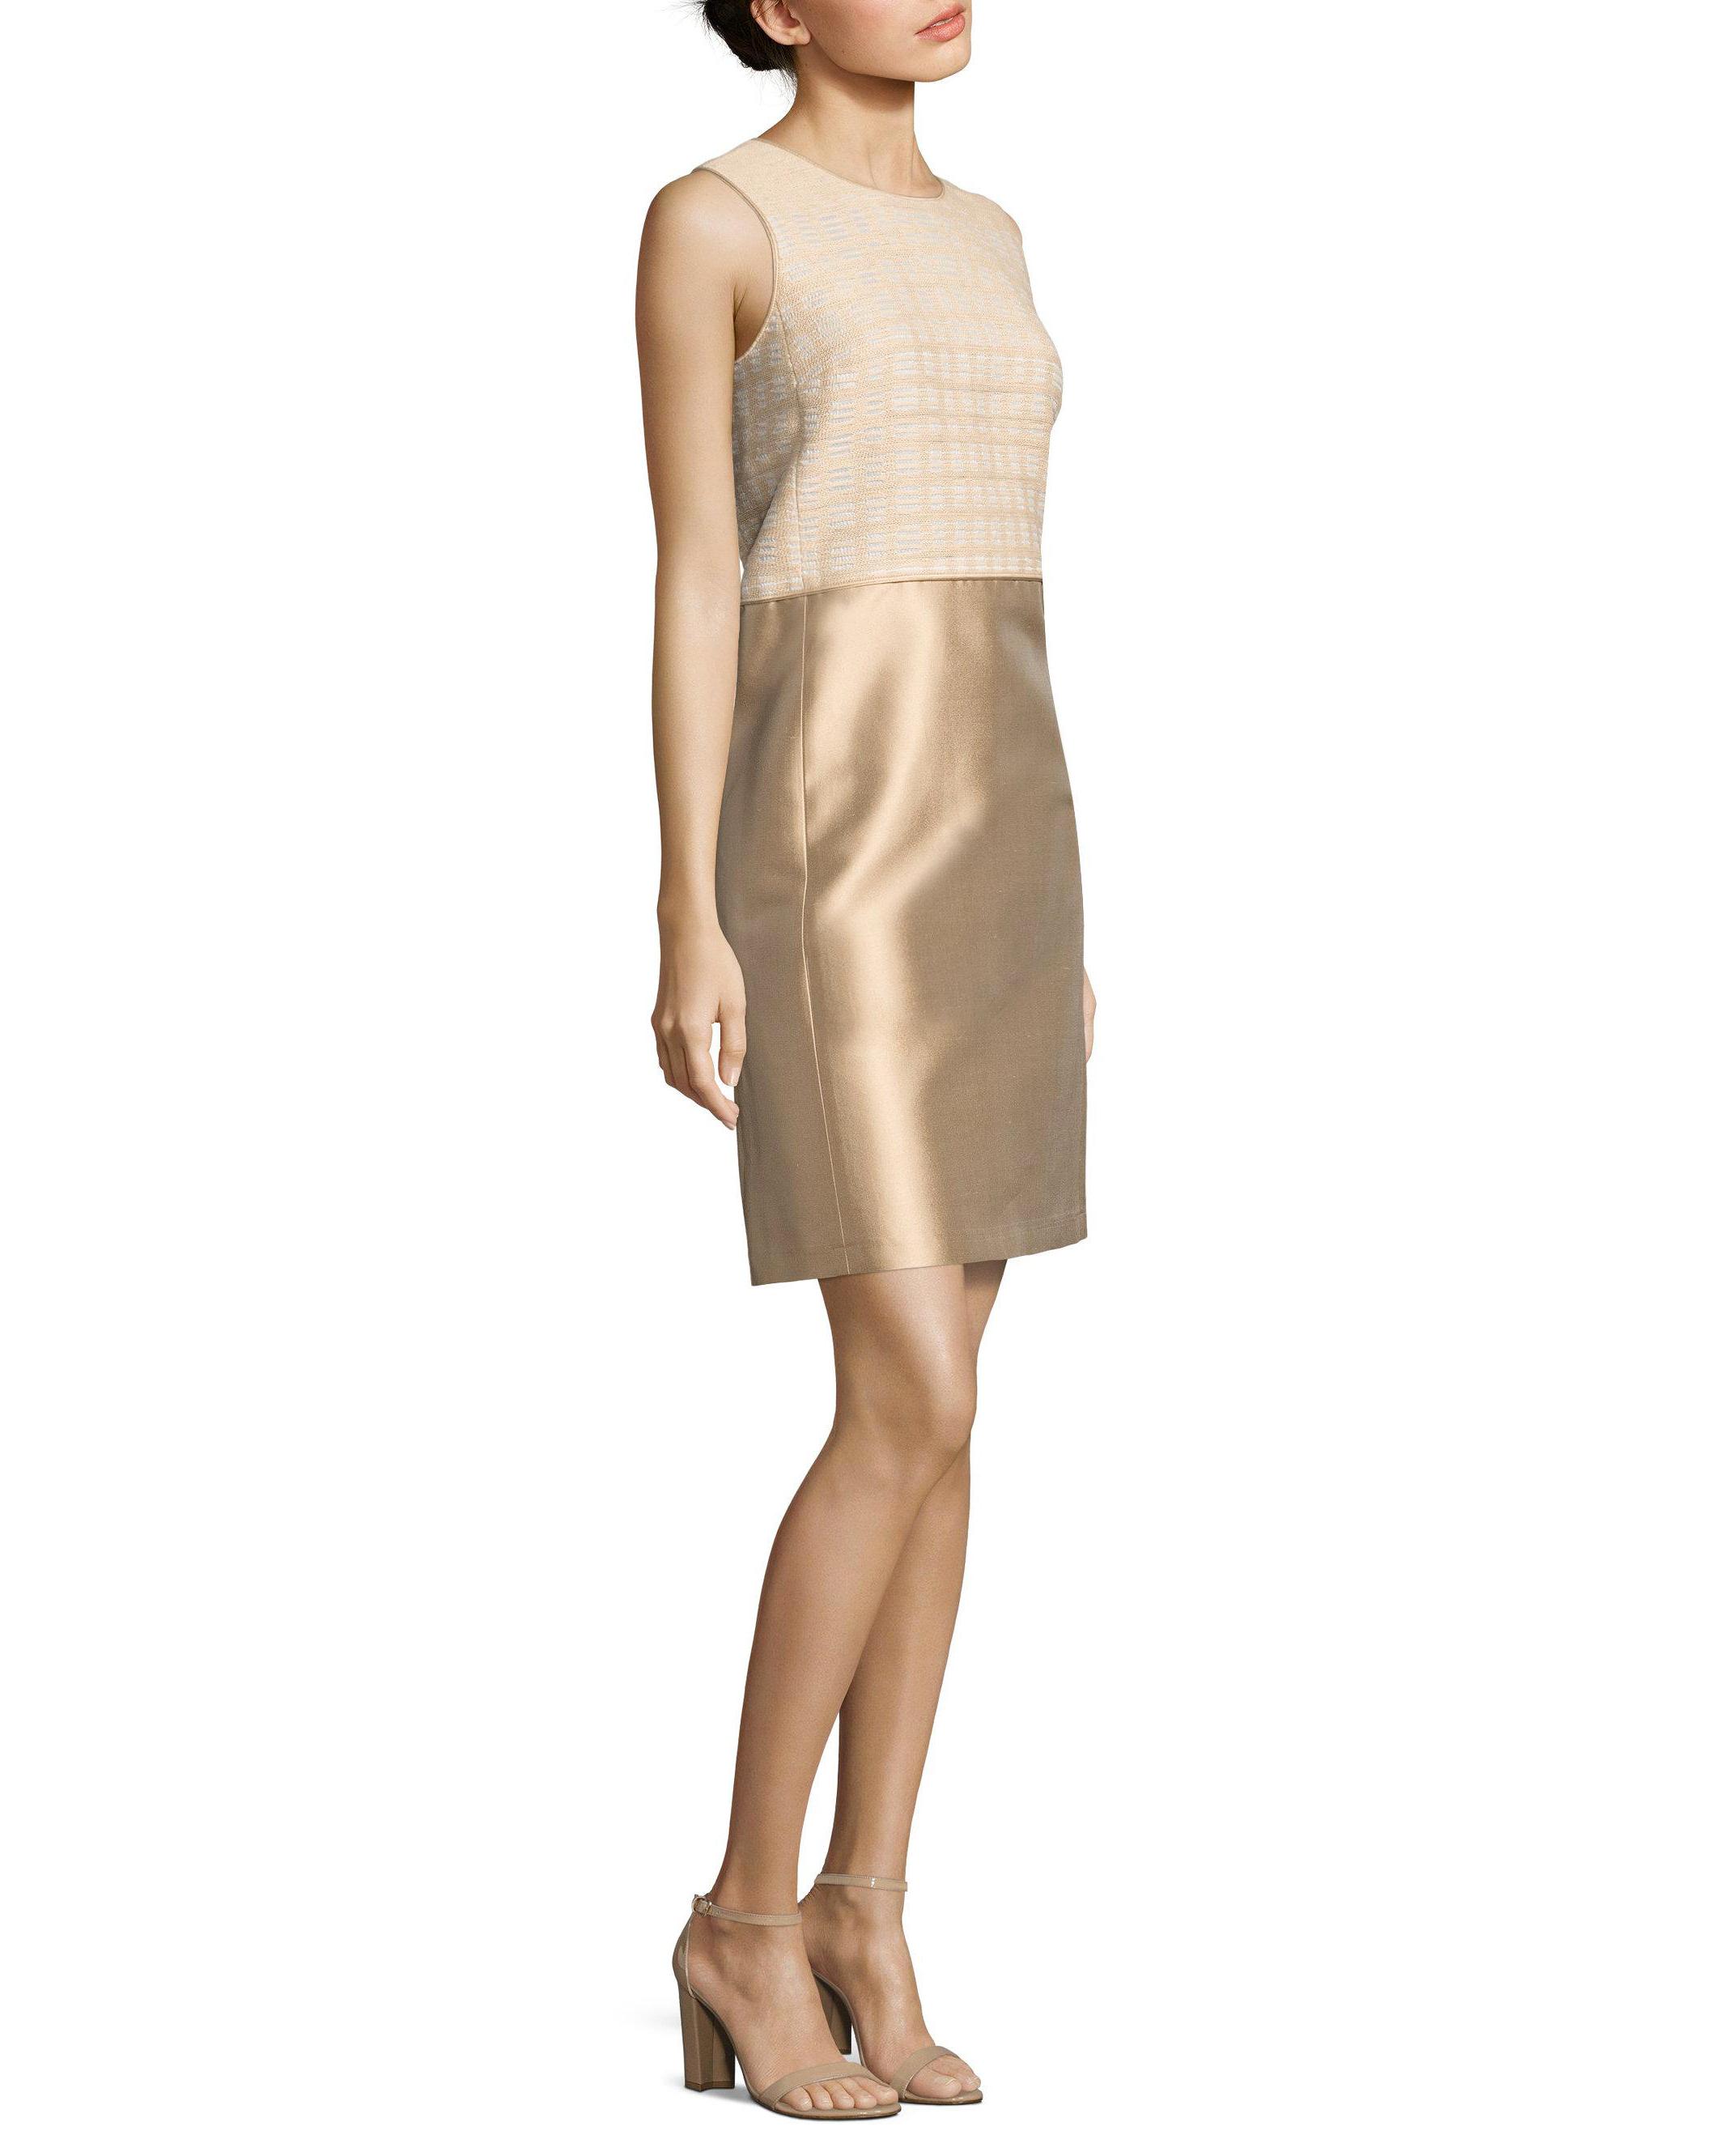 beige gold sleeveless dress